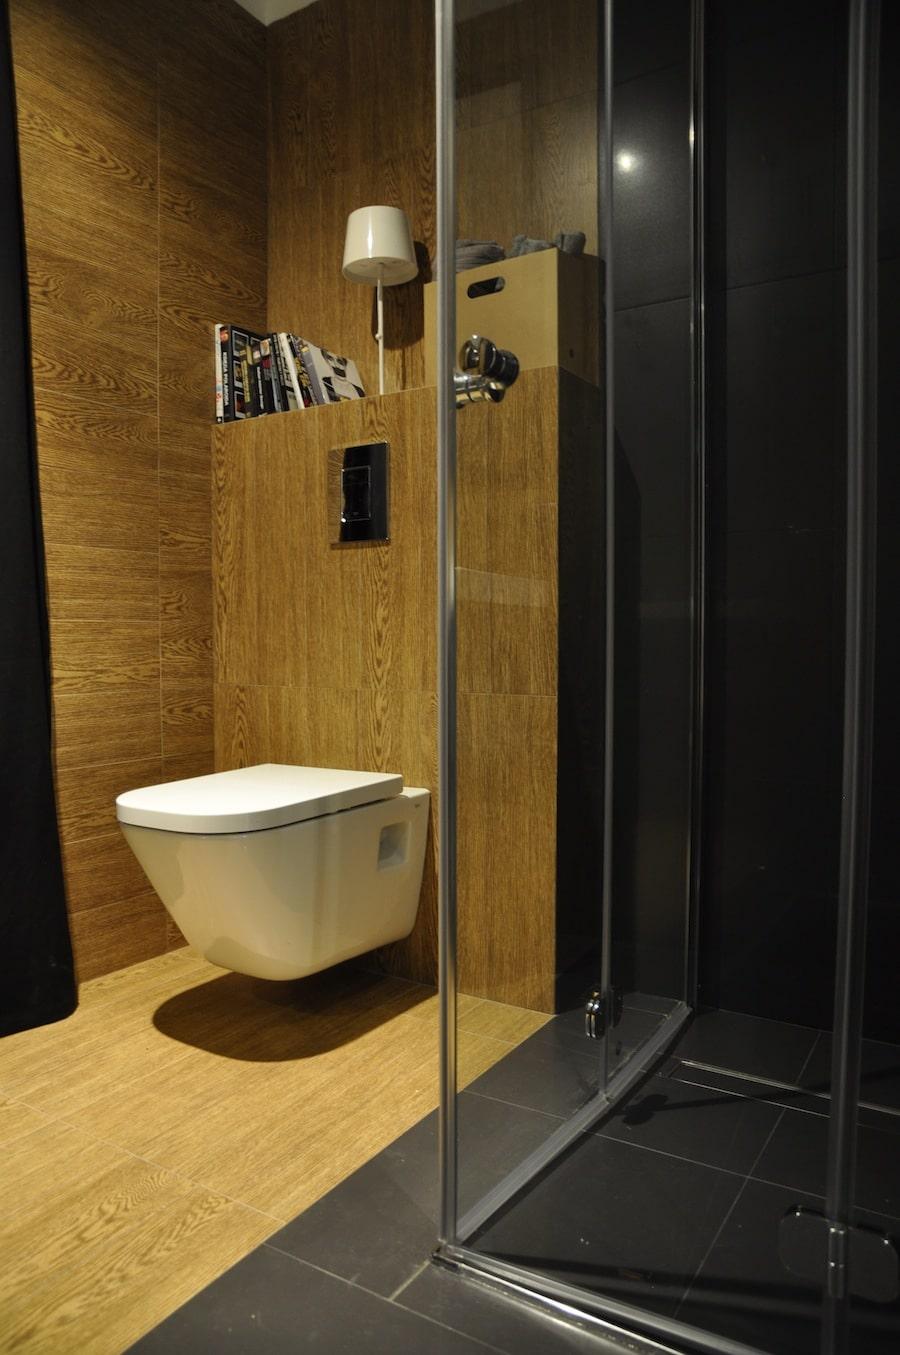 Ceramiczne Płytki Imitujące Drewno Idealne Do łazienki